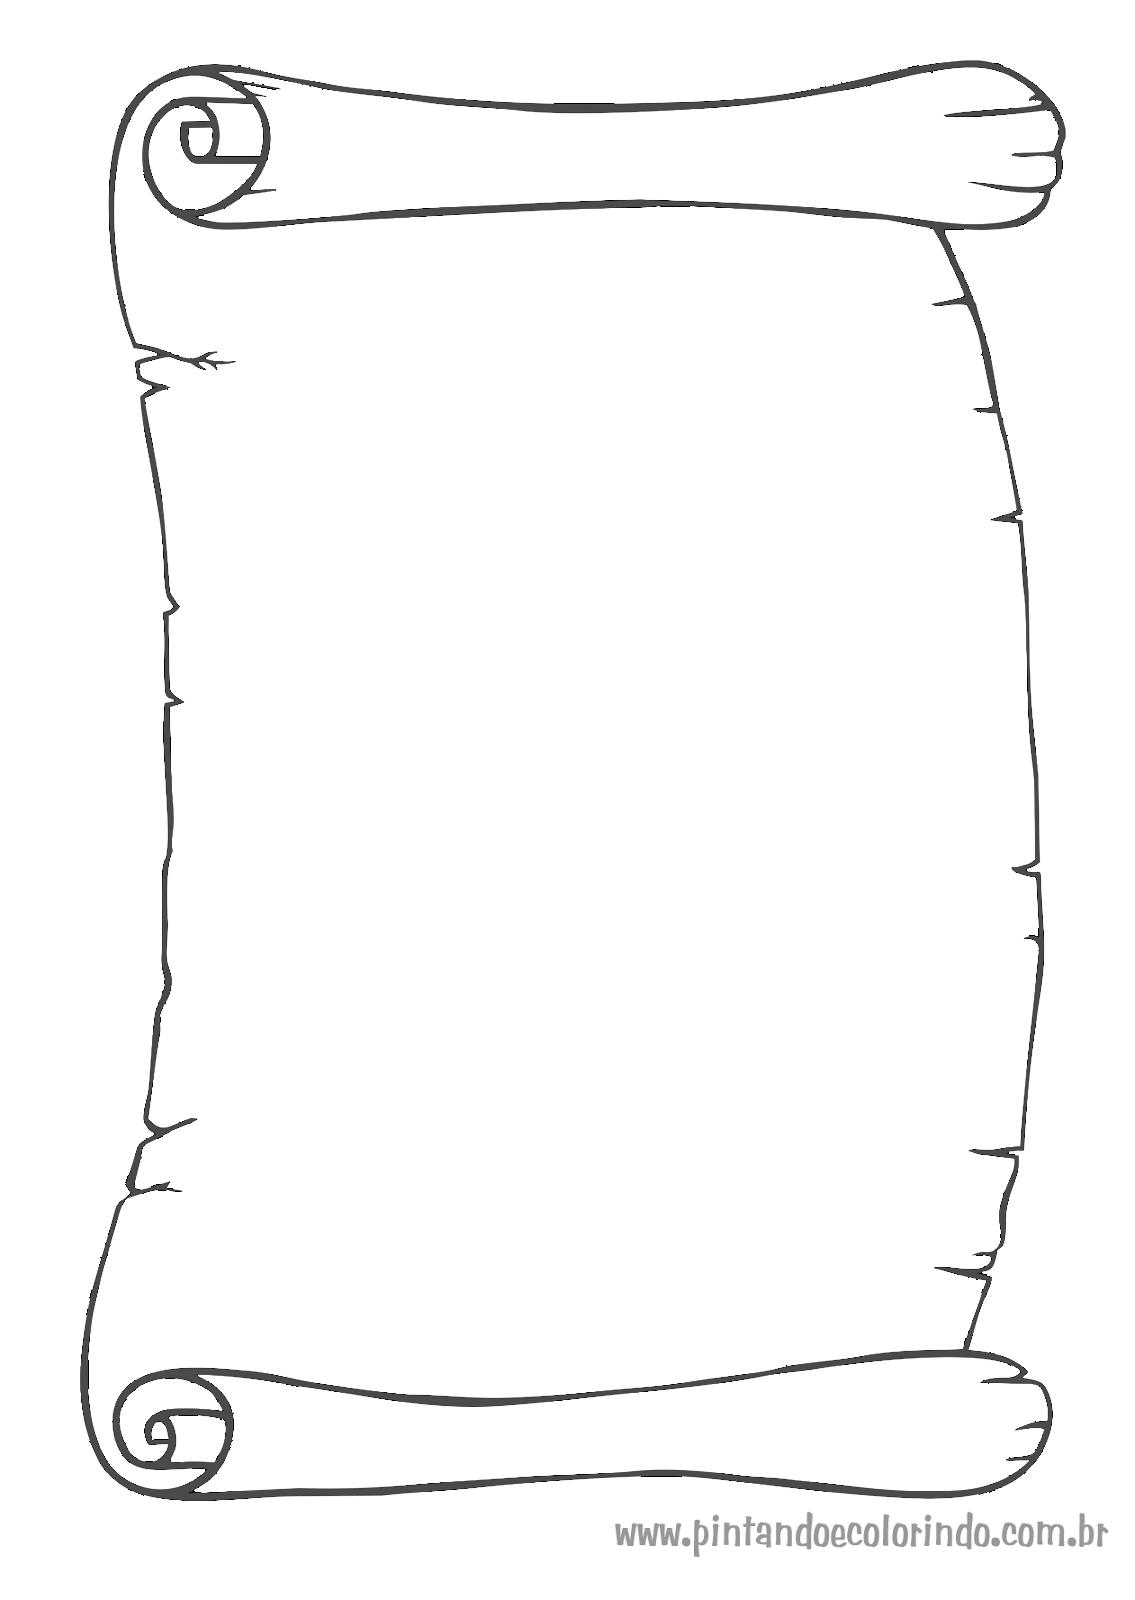 Angelic Pitang Pergaminhos Desenhos